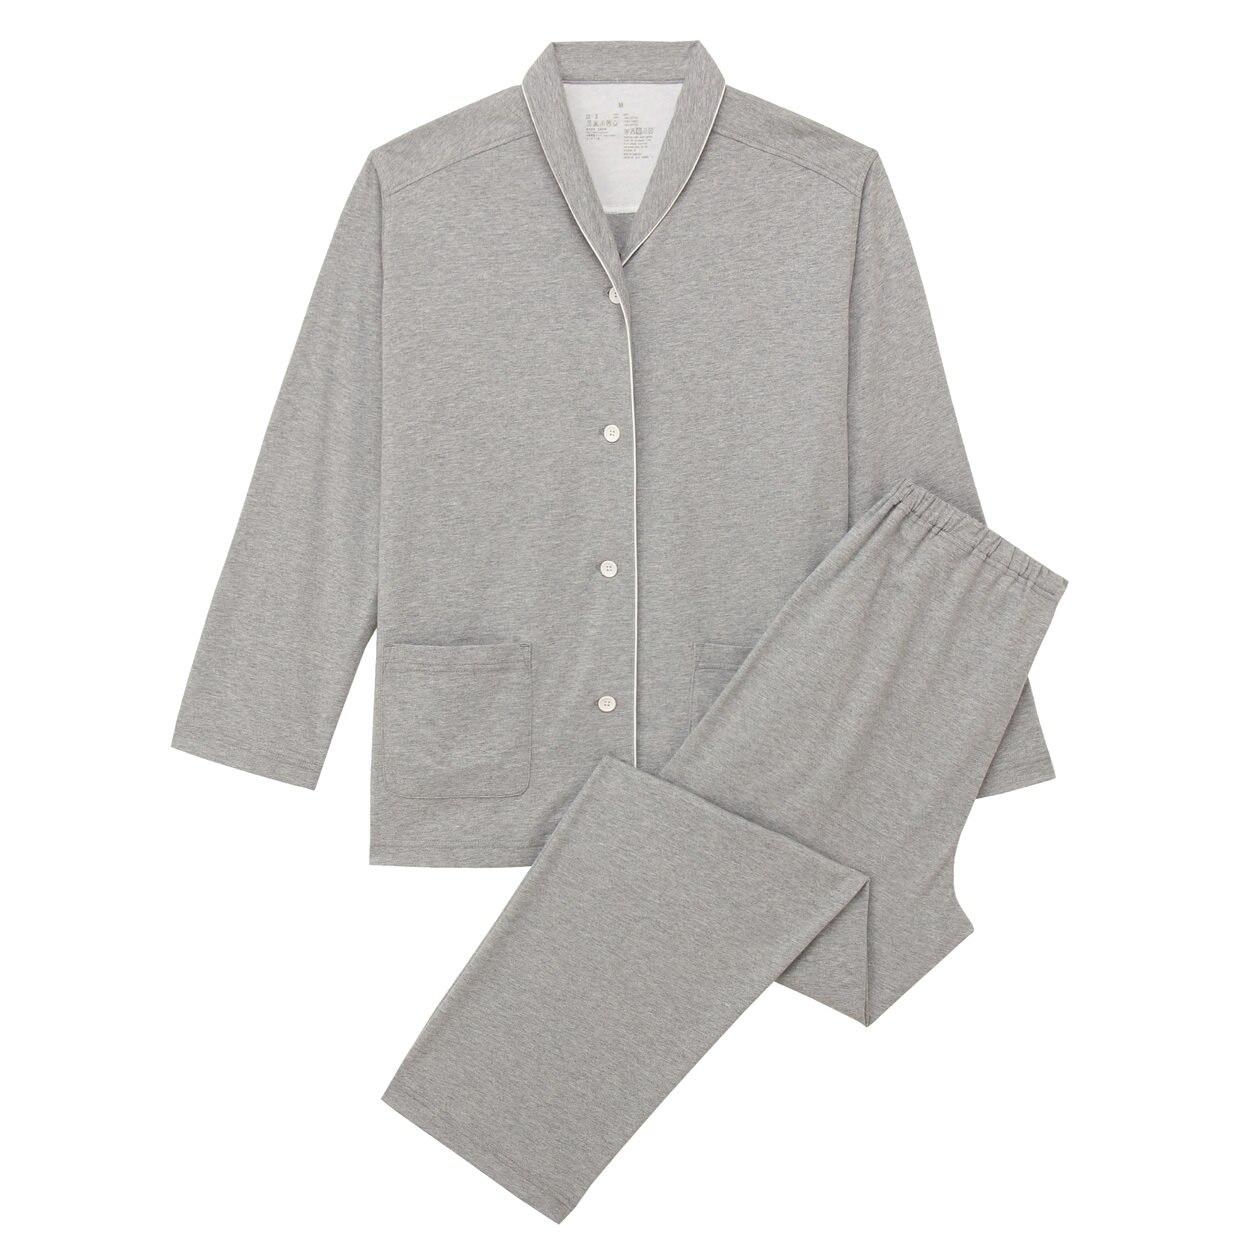 脇に縫い目のない天竺パジャマ